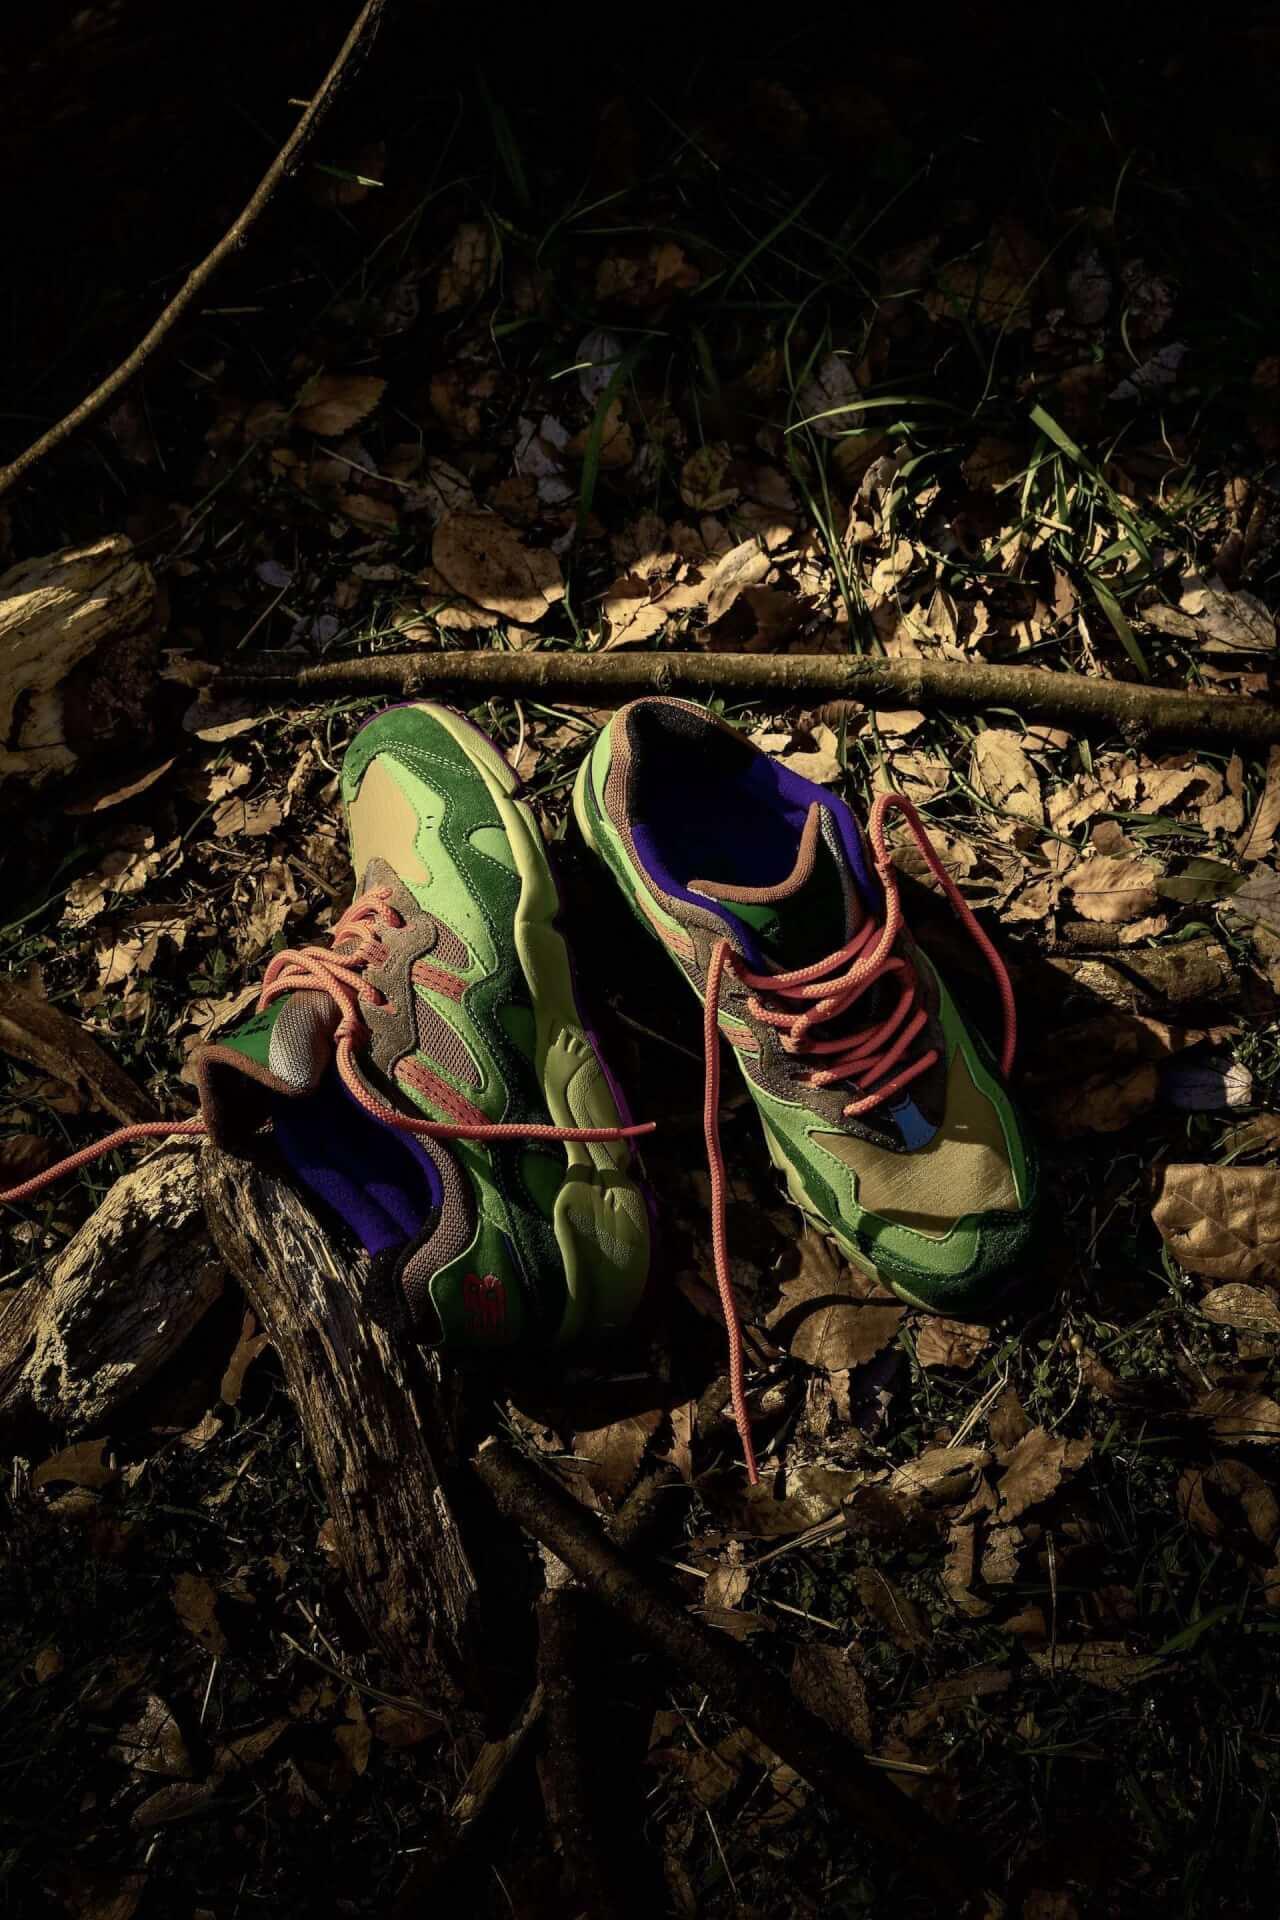 ニューバランスとatmosの別注モデル『ML850ATA』が発売!テントや森林、大地からインスパイアされたカラー lf200406_atomosnb_03